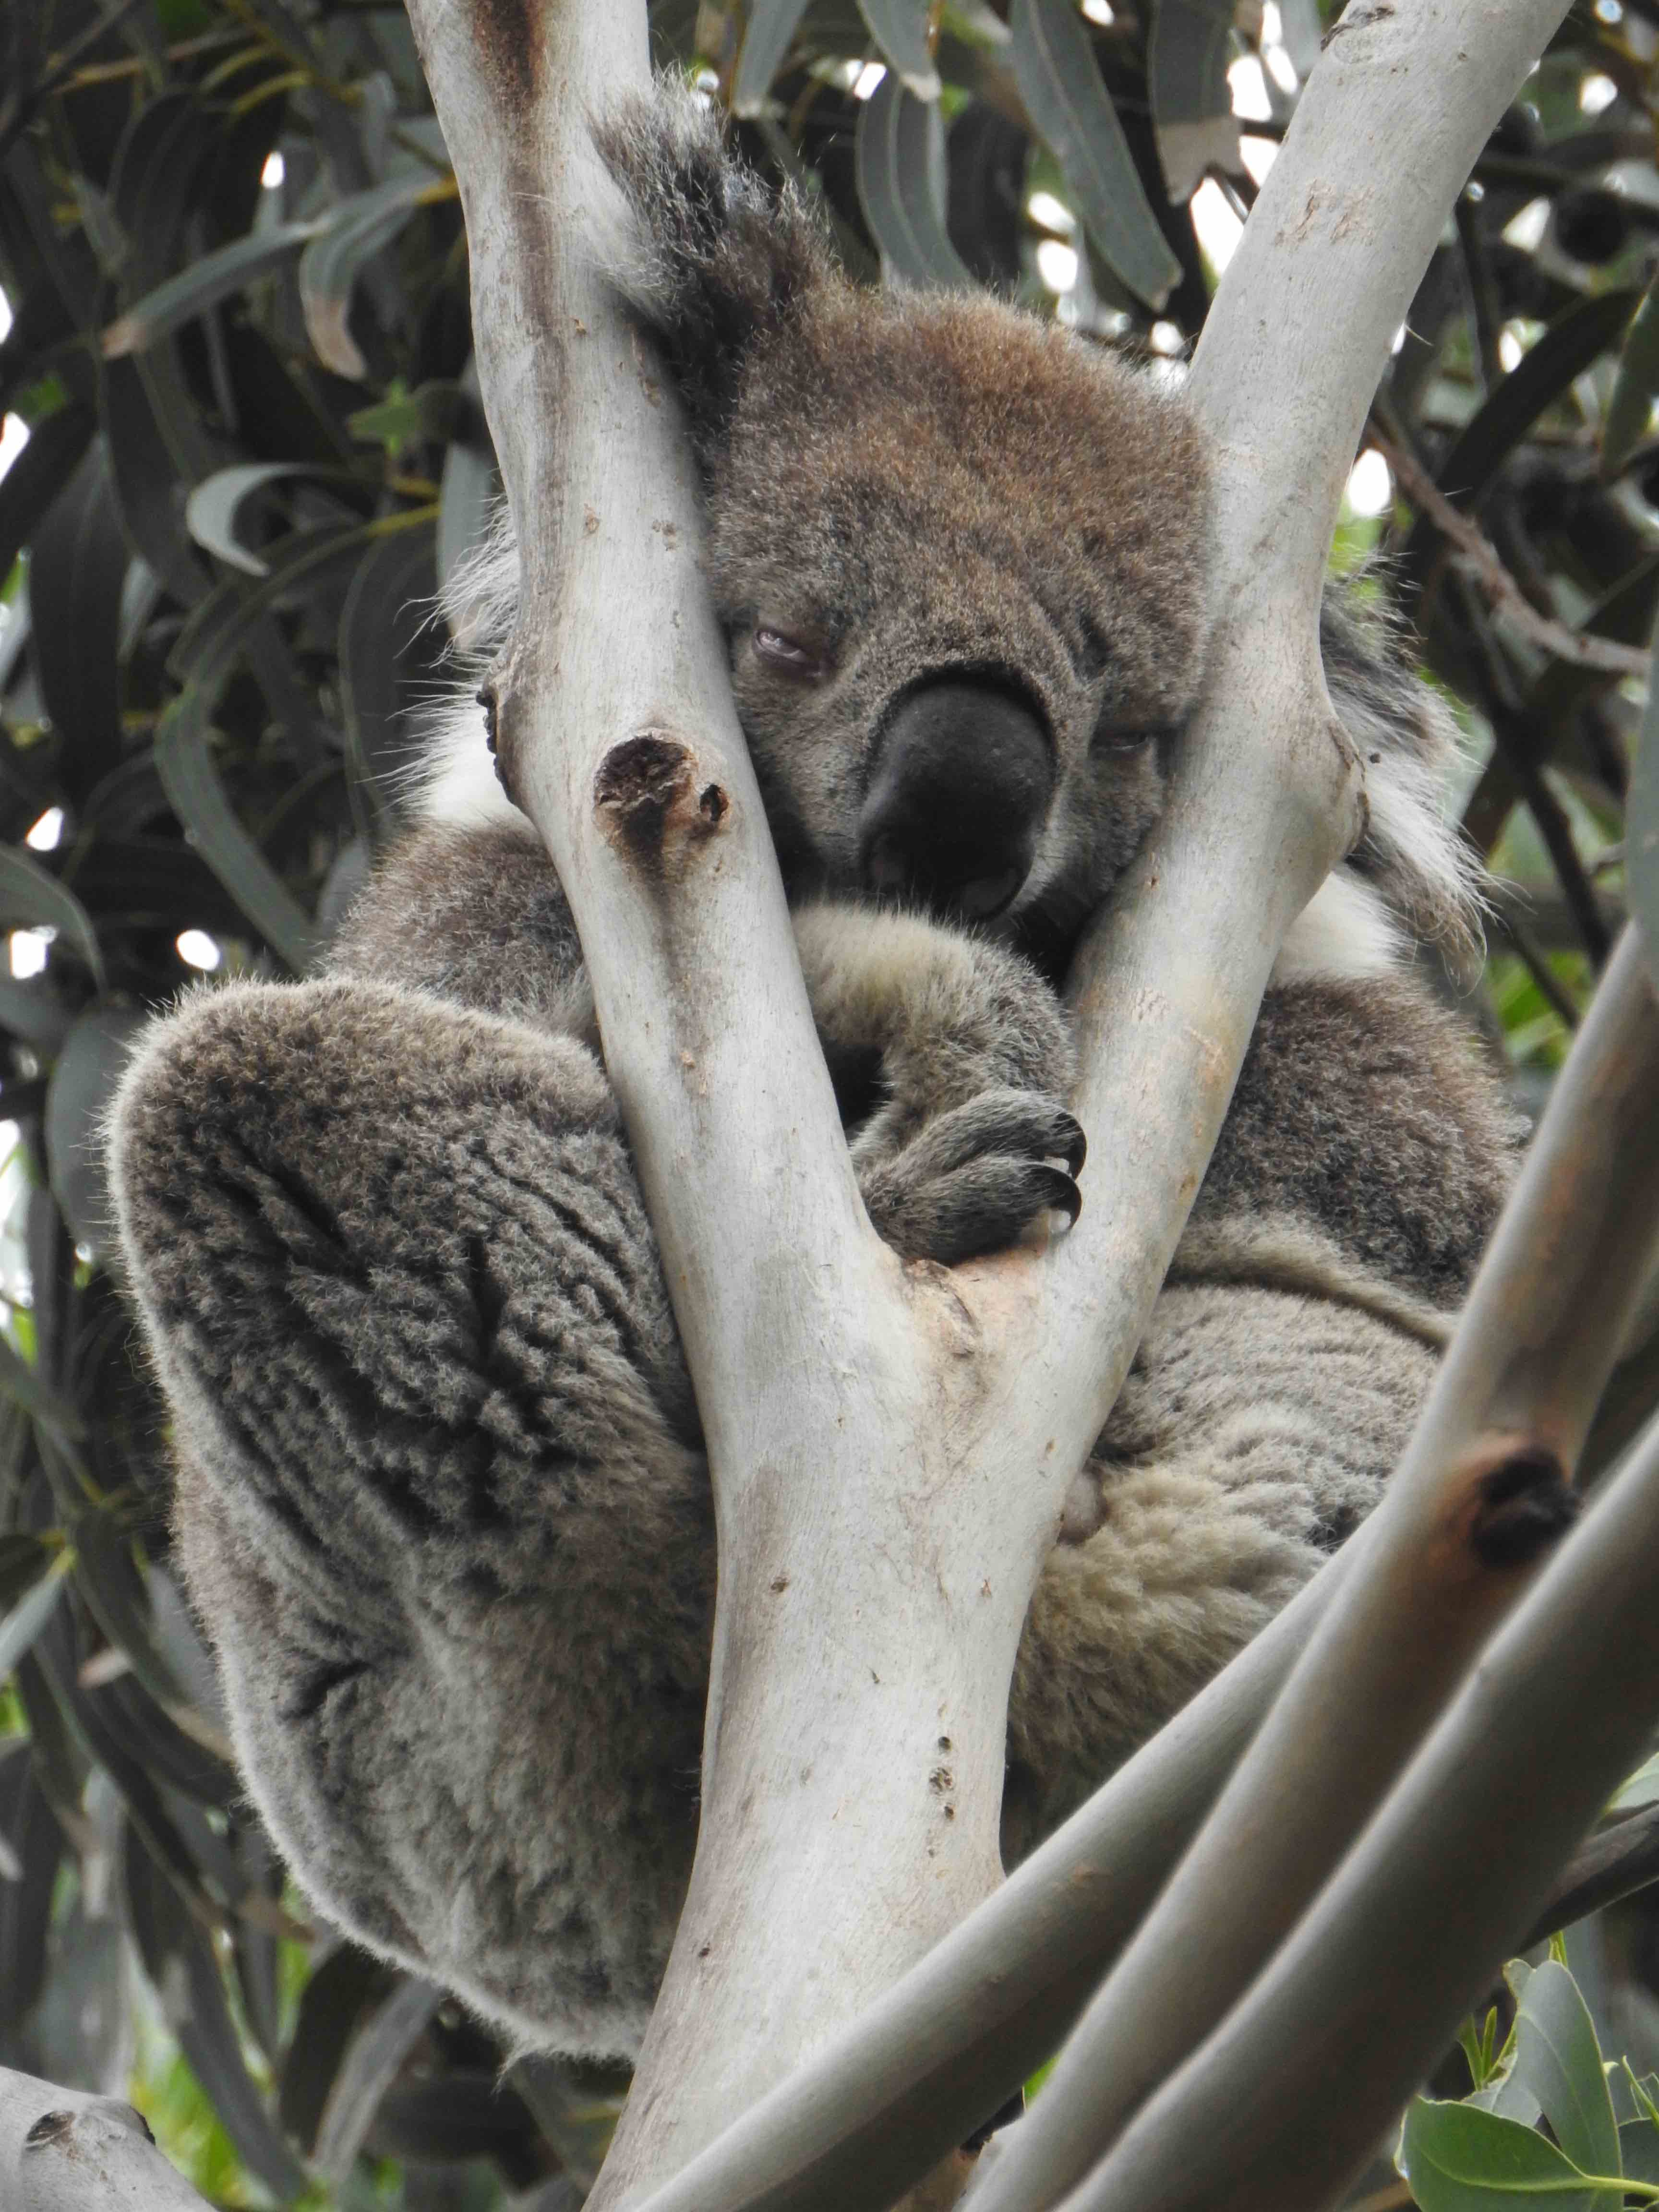 Koala in tree.jpg